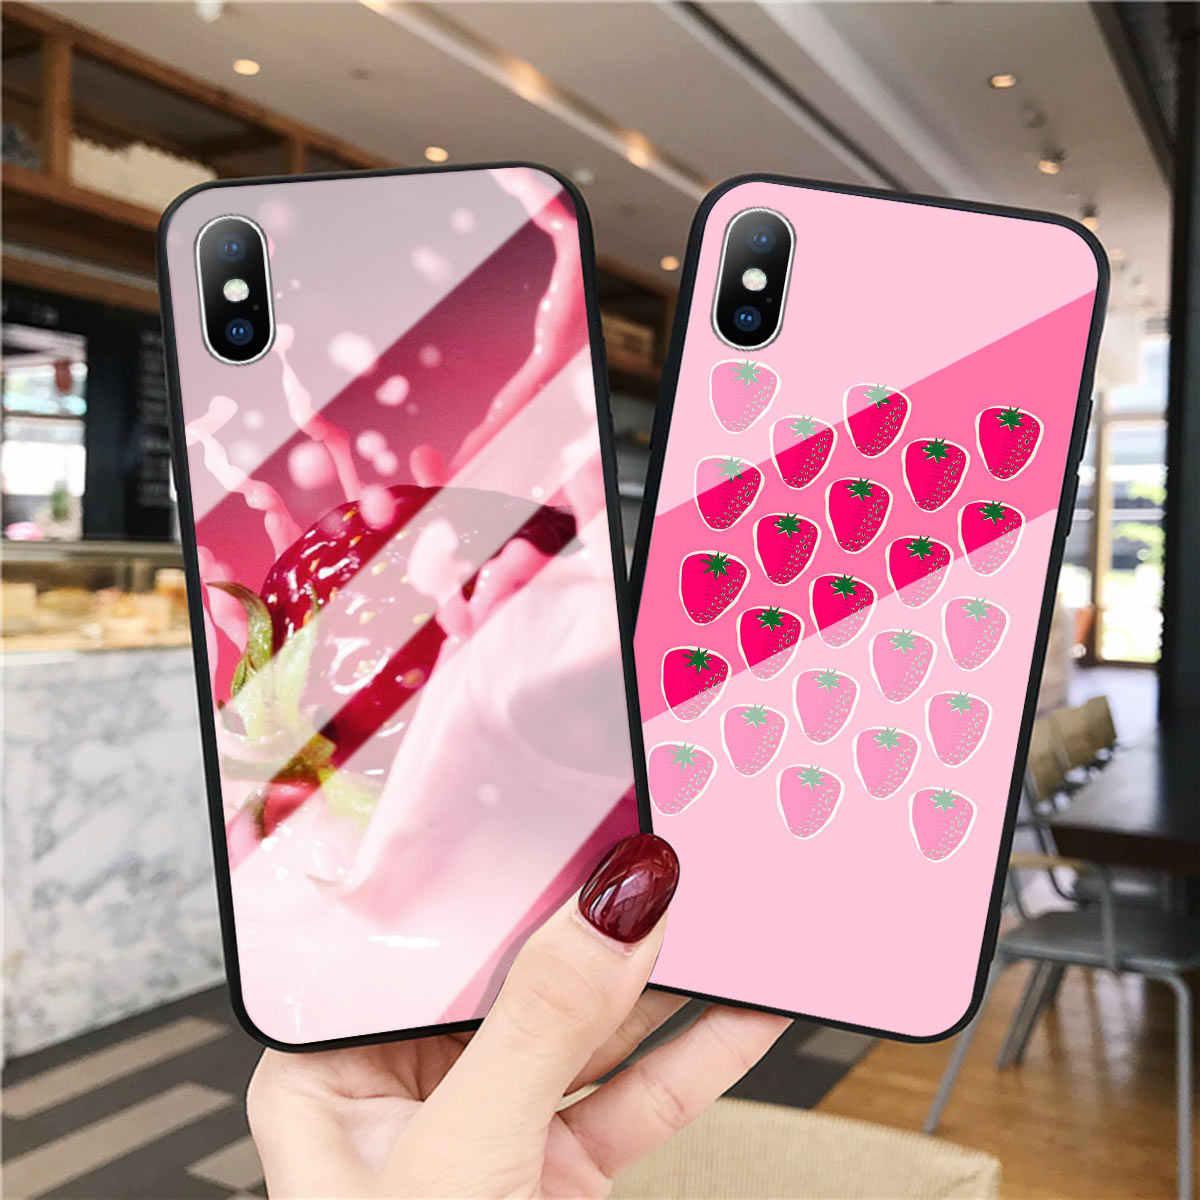 Truskawka szkło hartowane etui na telefony dla iphone 5 5S SE XS MAX XR truskawki tylna pokrywa dla iphone 8 7 6 6 S Plus twarda okładka